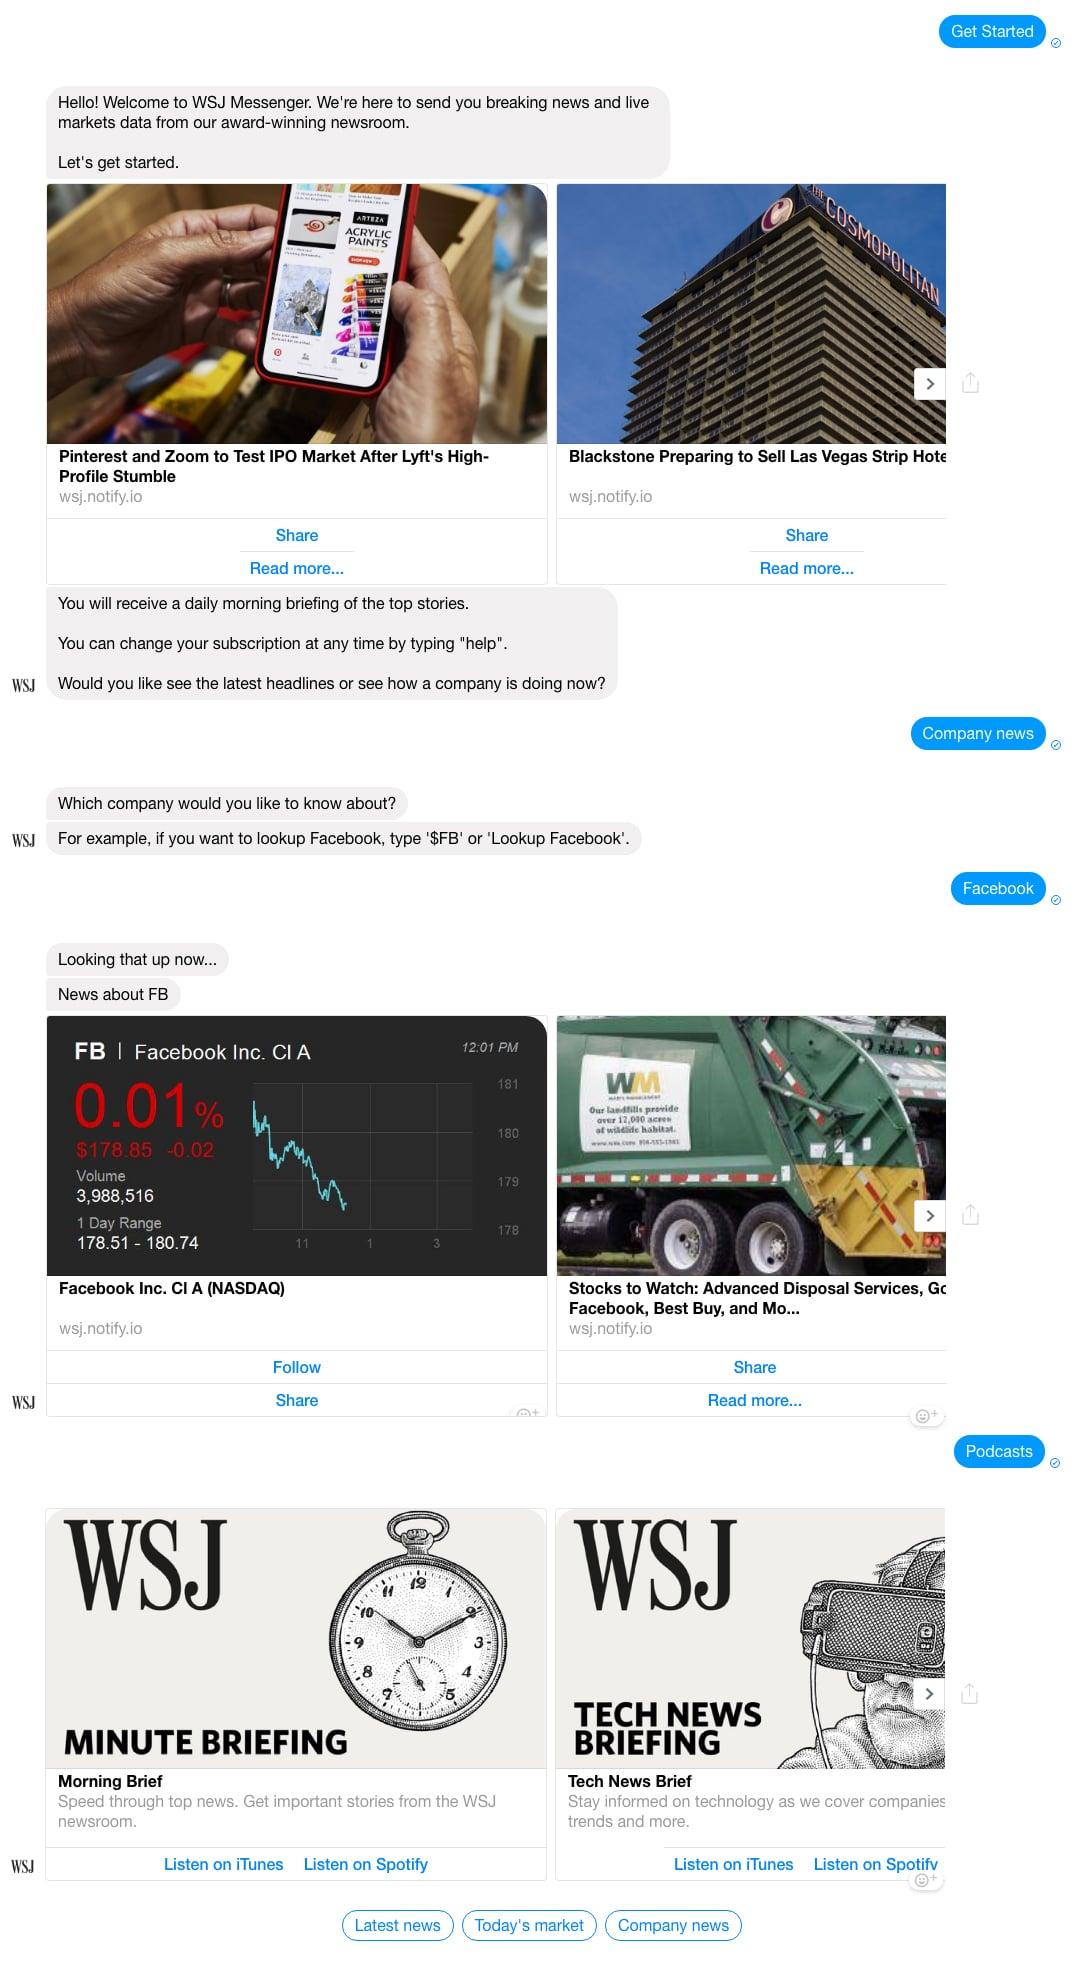 Facebook Messenger Bot Example: The Wall Street Journal